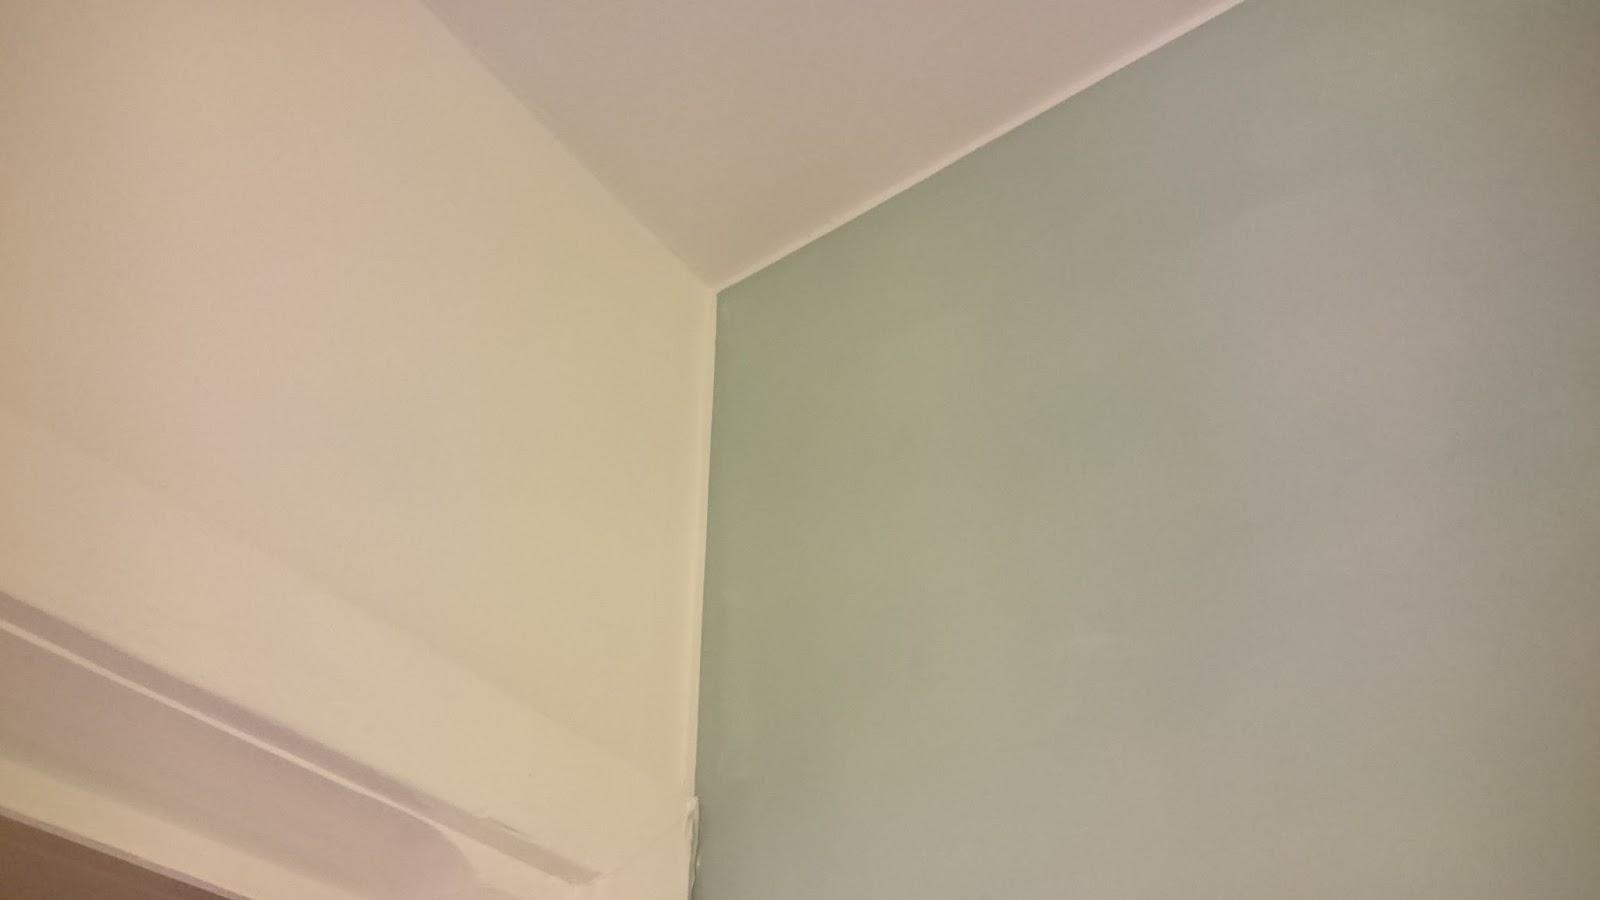 Släng dig i väggen, Ernst!: Måla den perfekta fondväggen